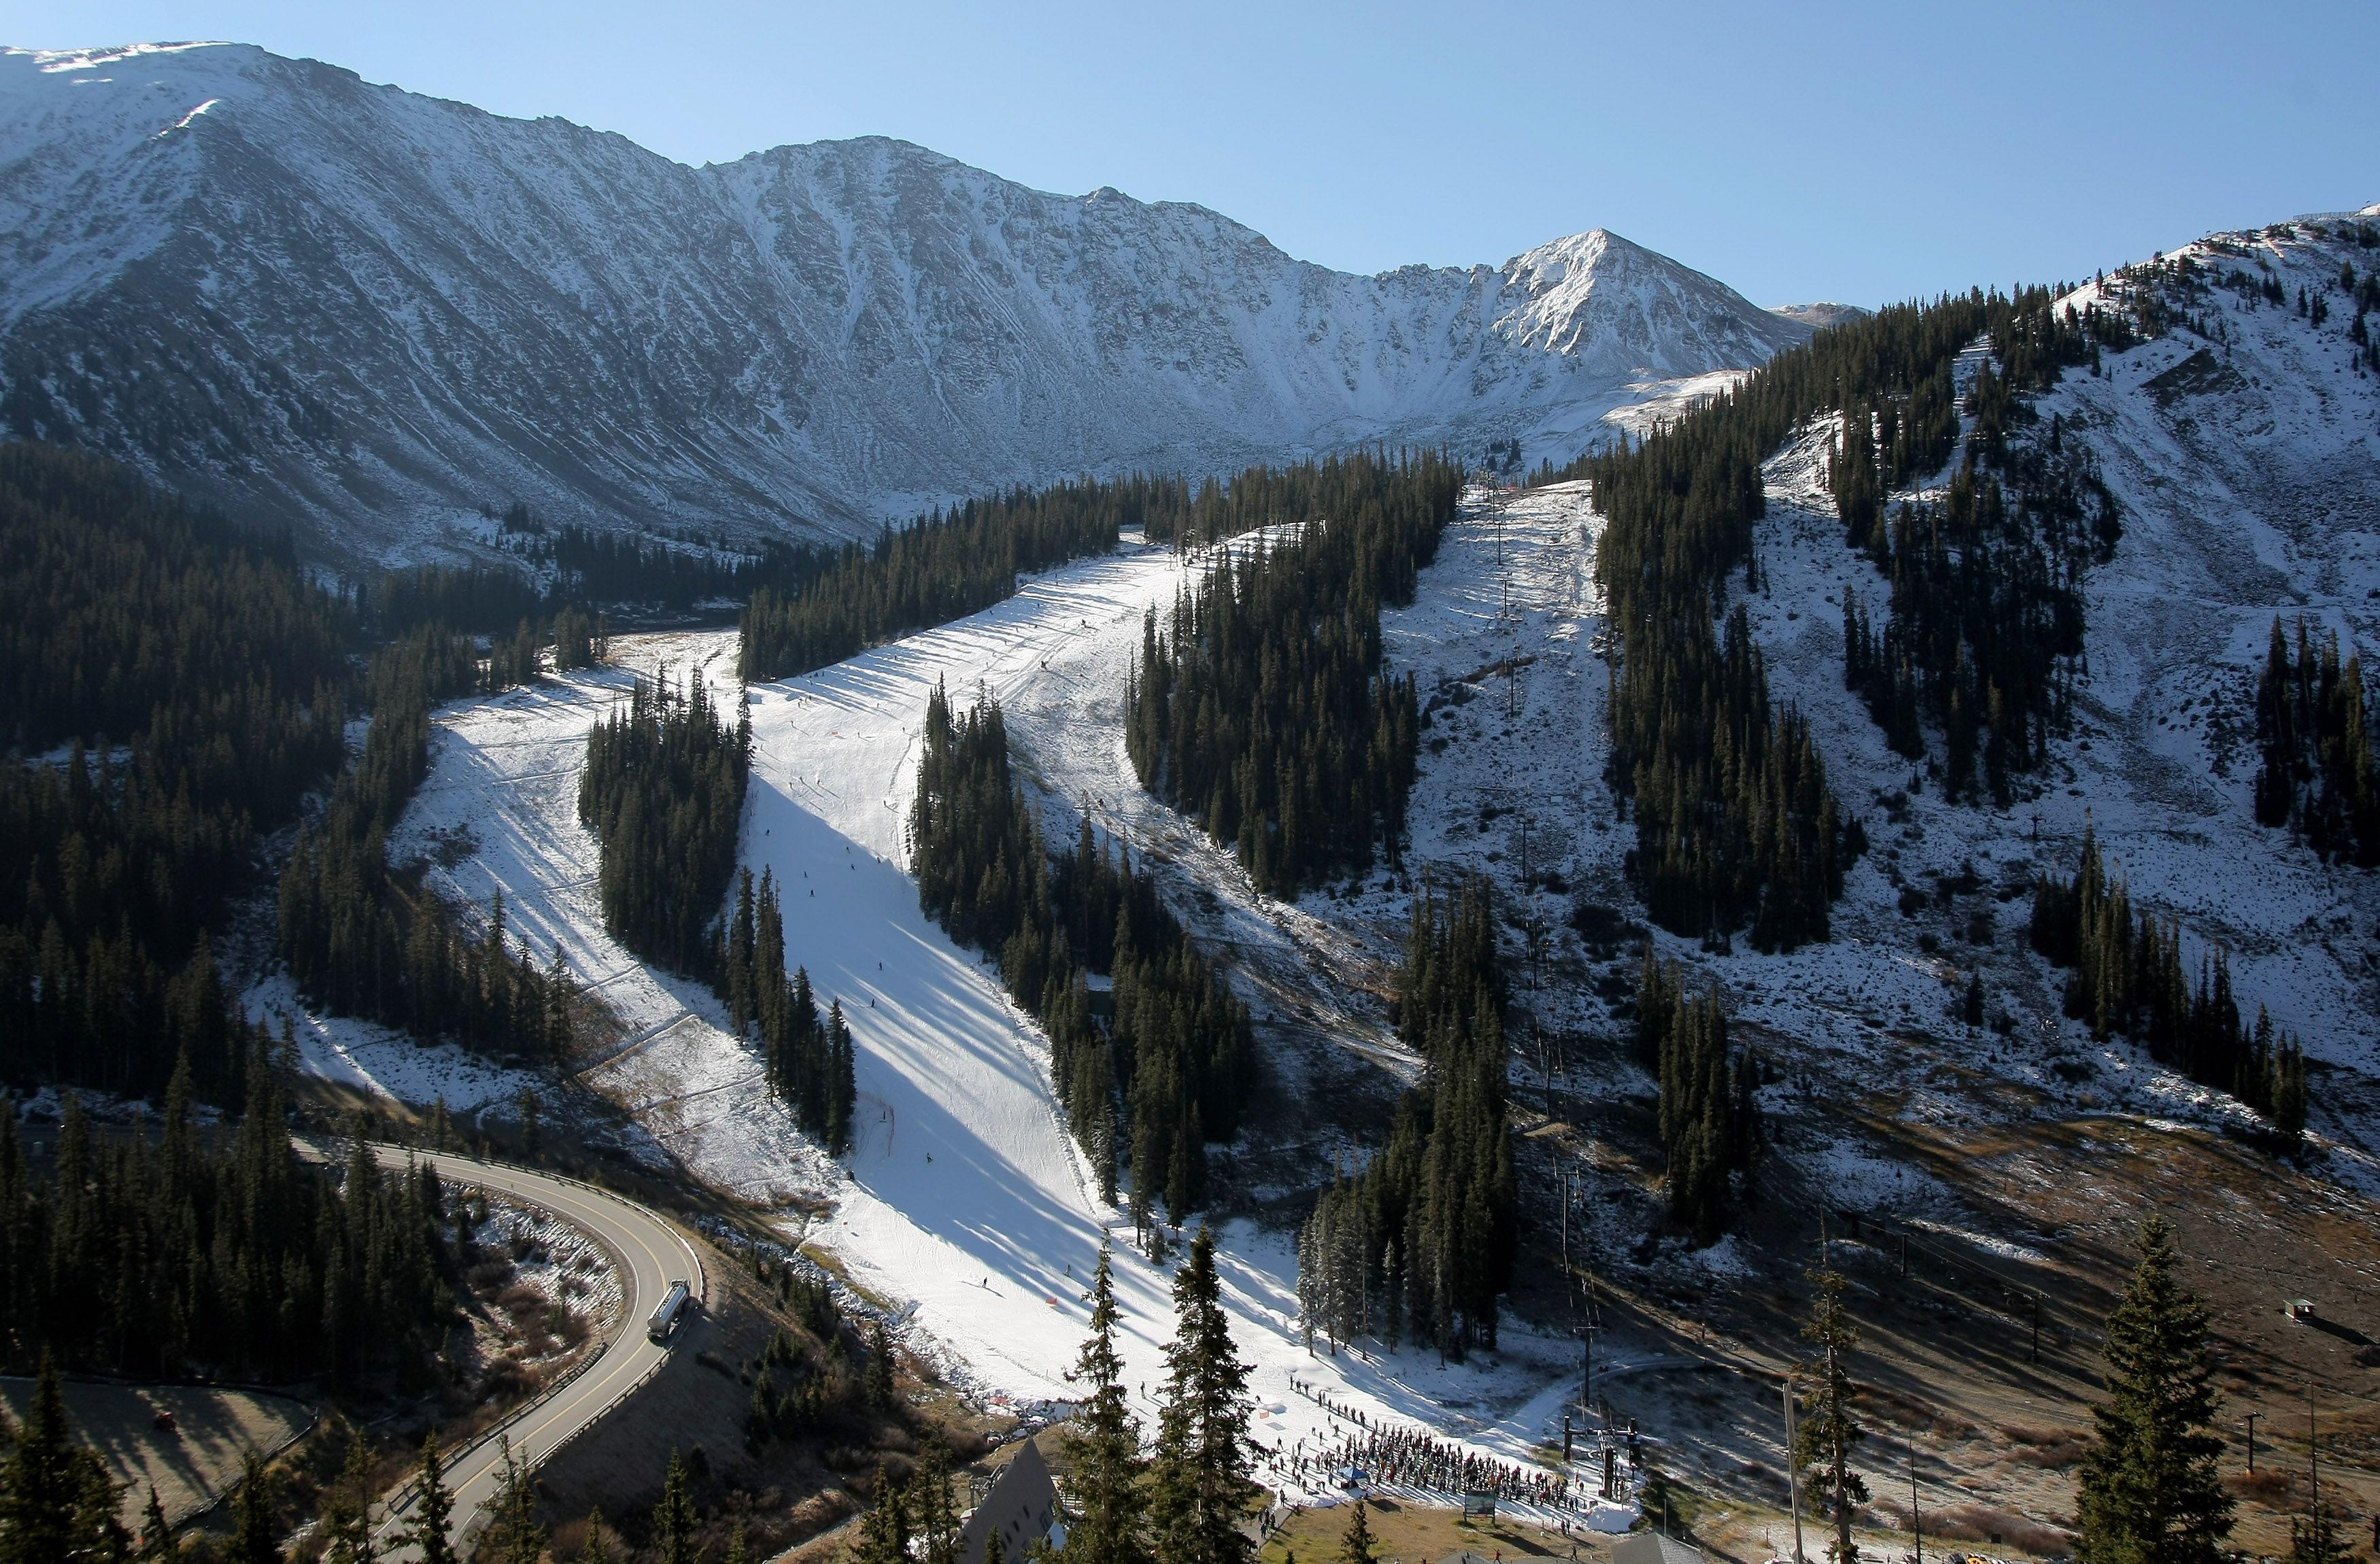 Loveland Ski Area in Colorado